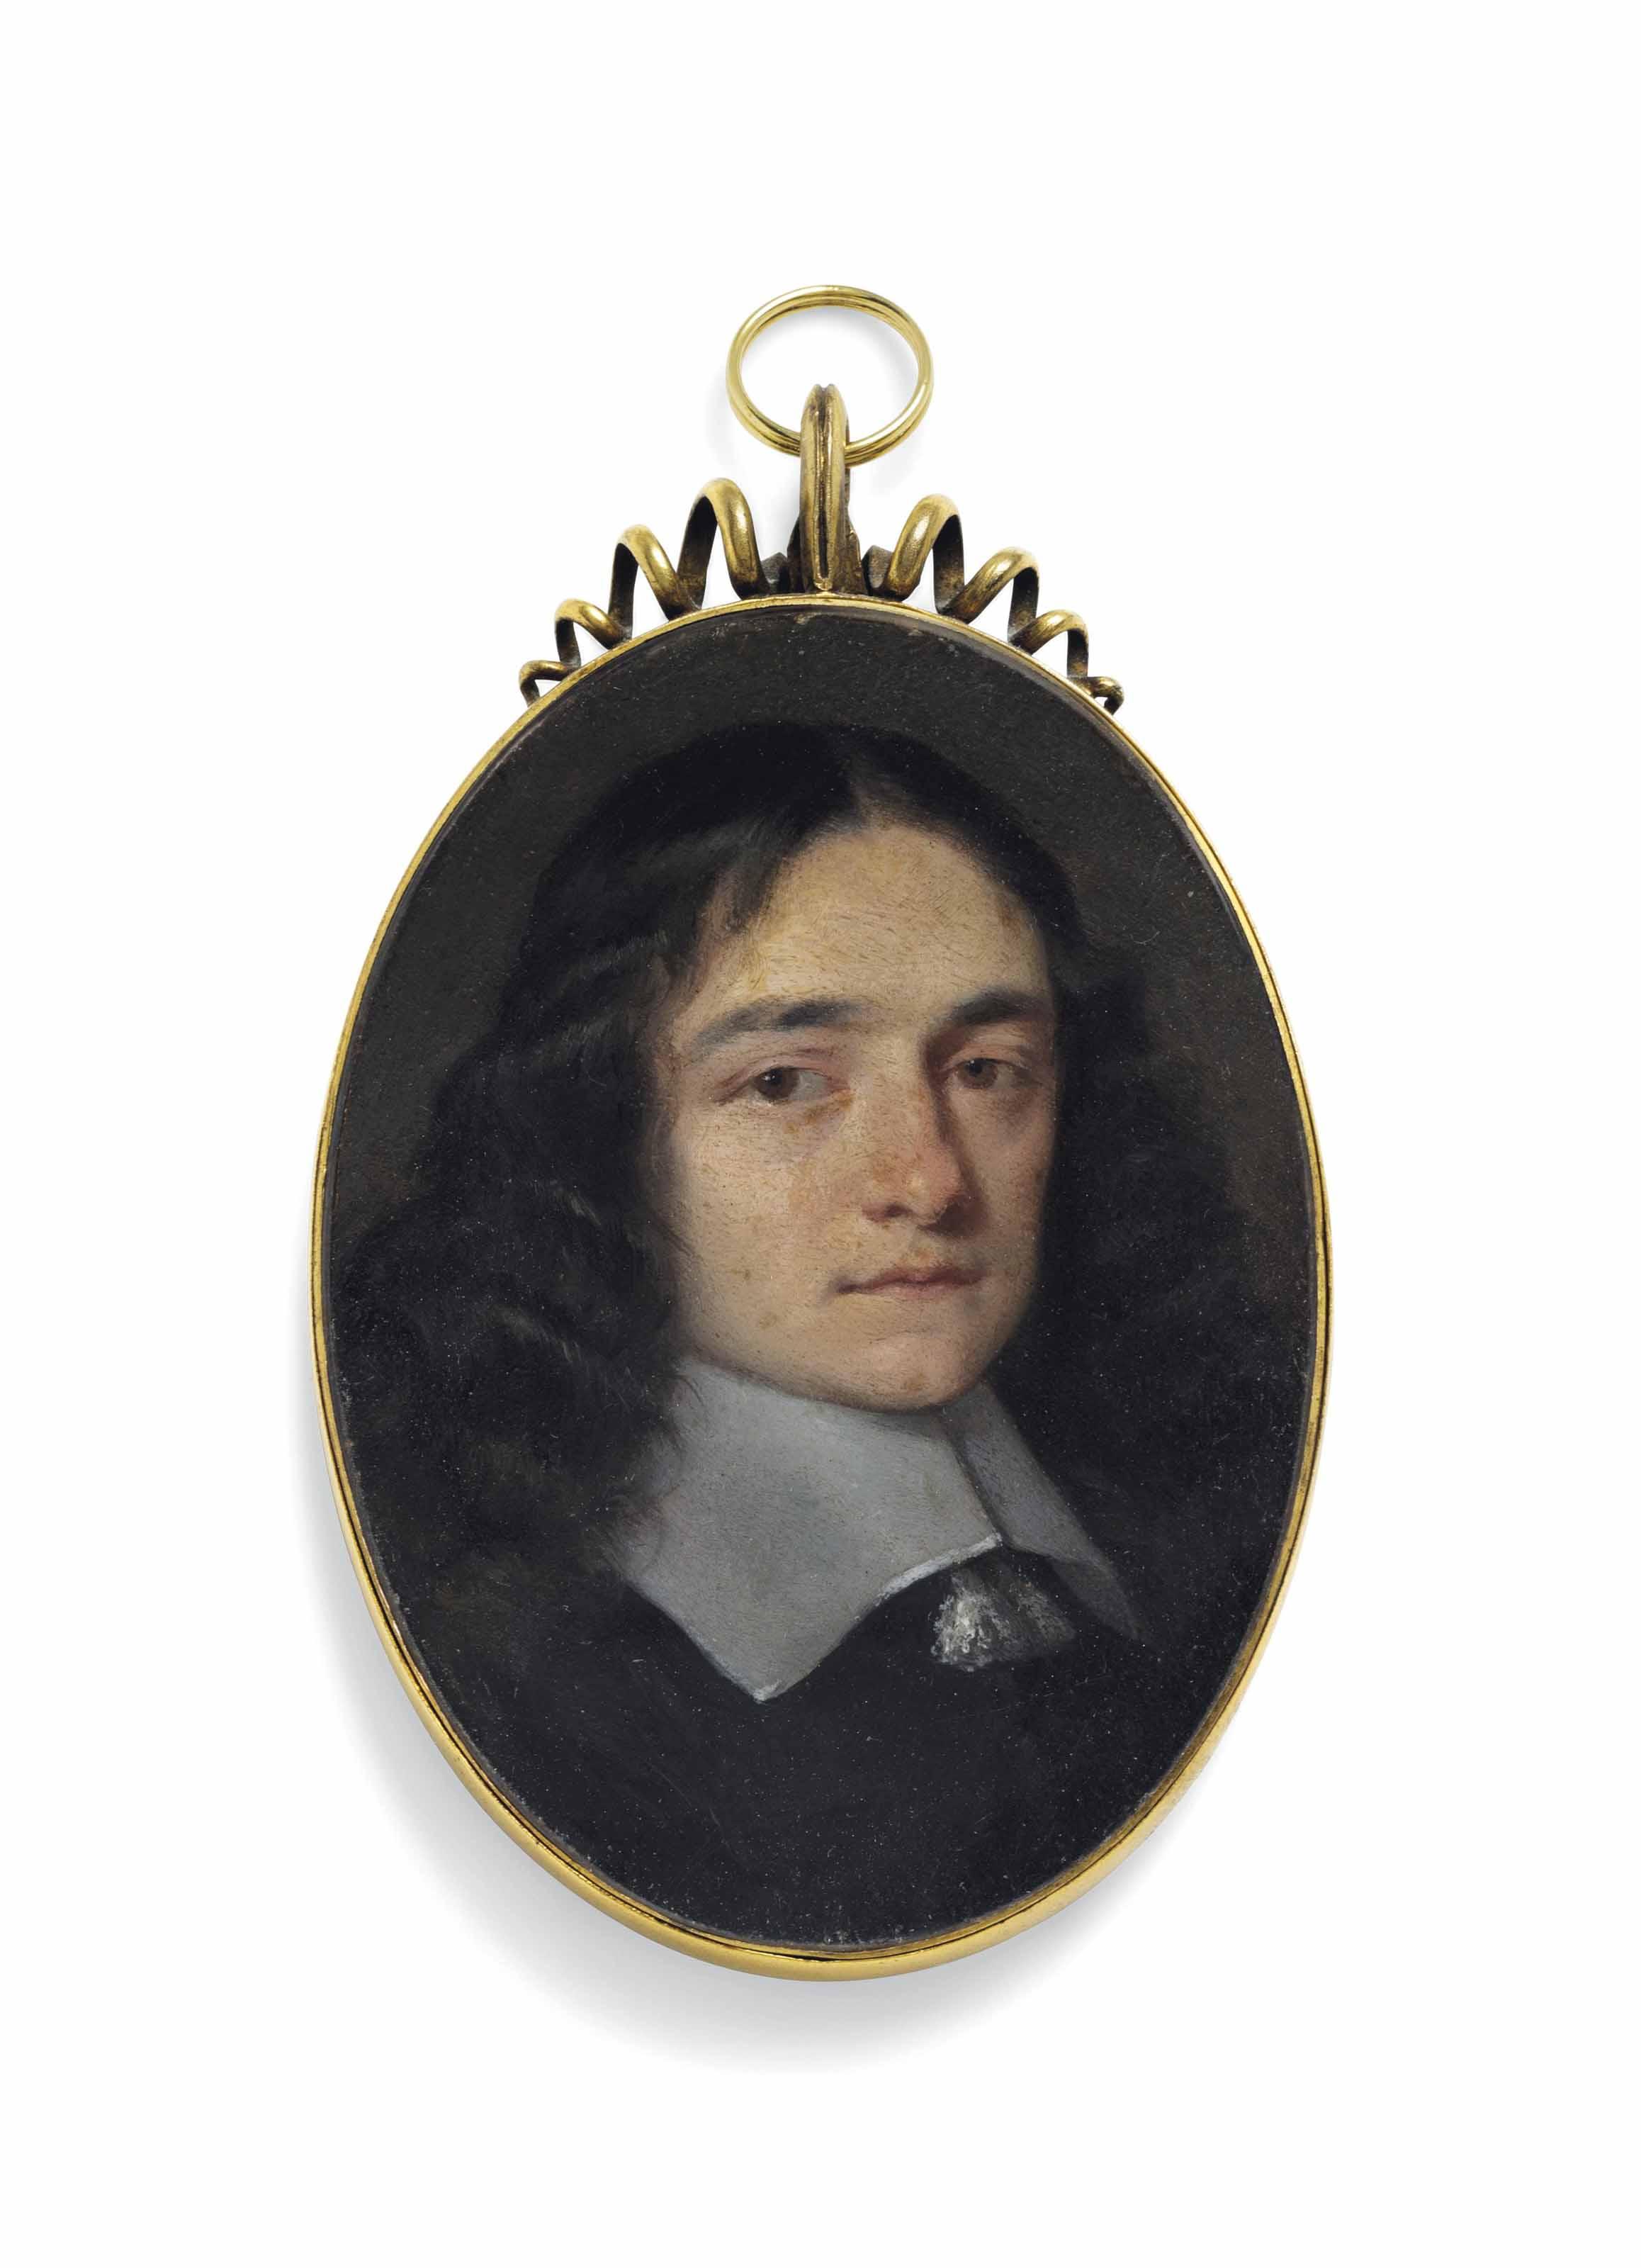 CIRCLE OF WILLIAM DOBSON (BRITISH, 1611-1646)